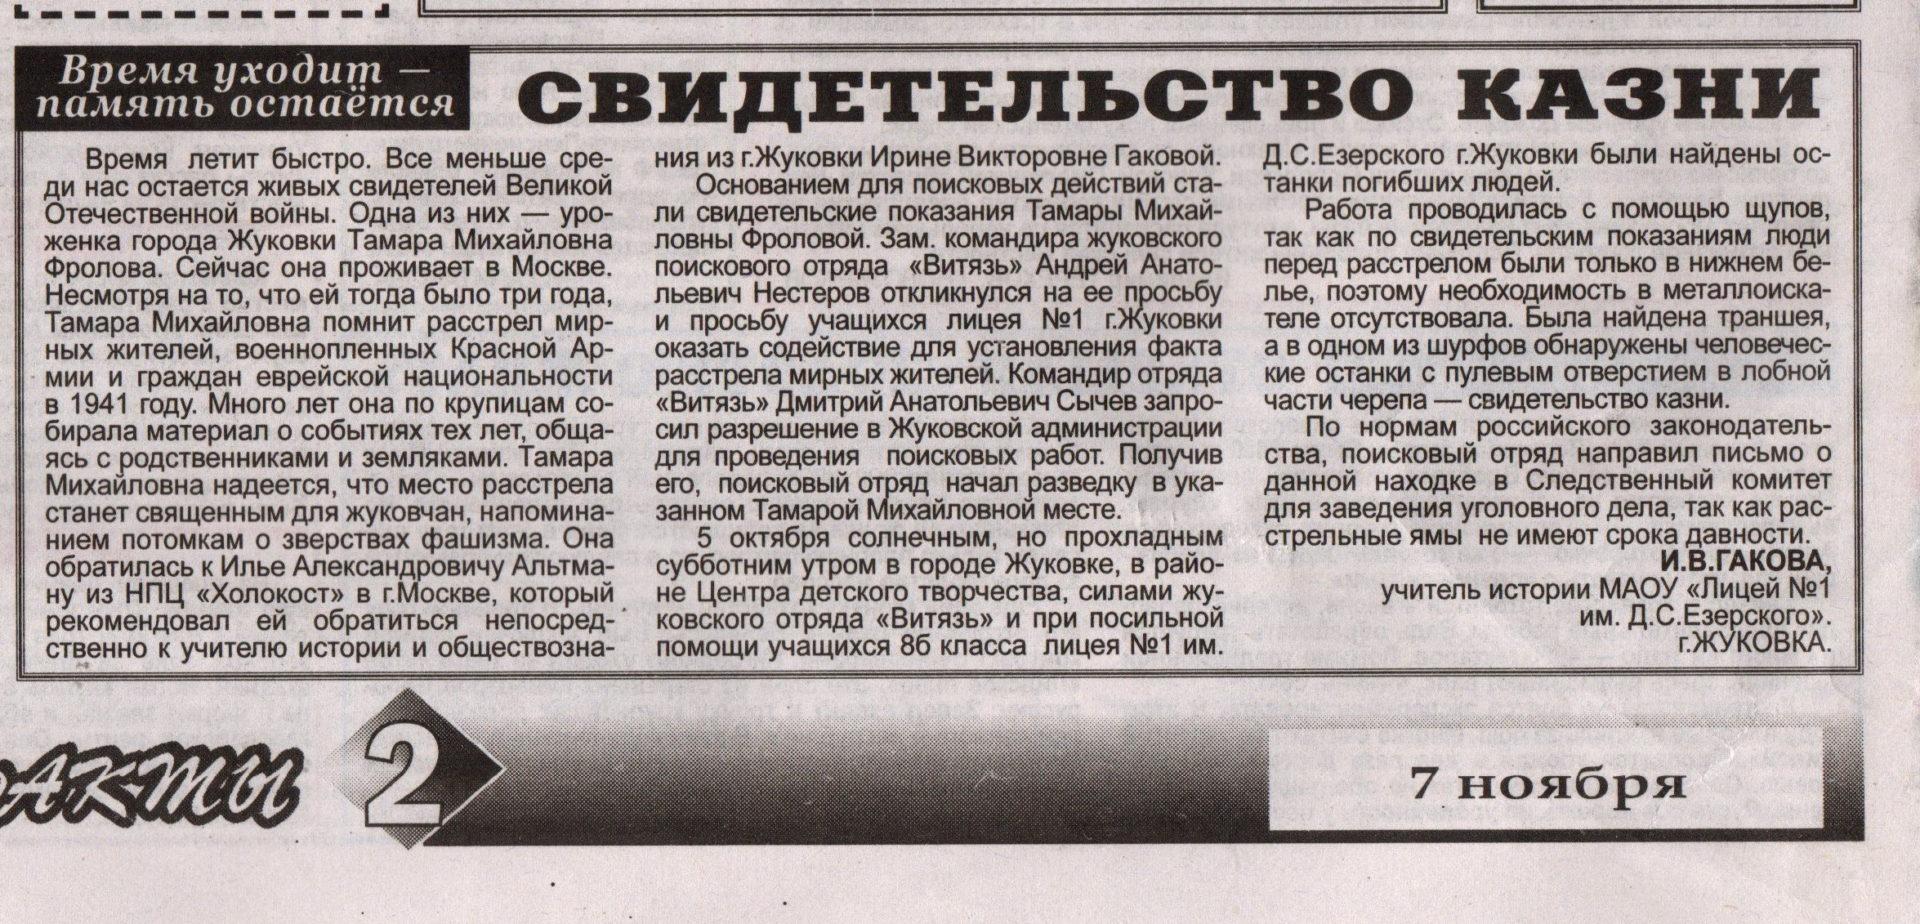 О массовом захоронении в Брянской области